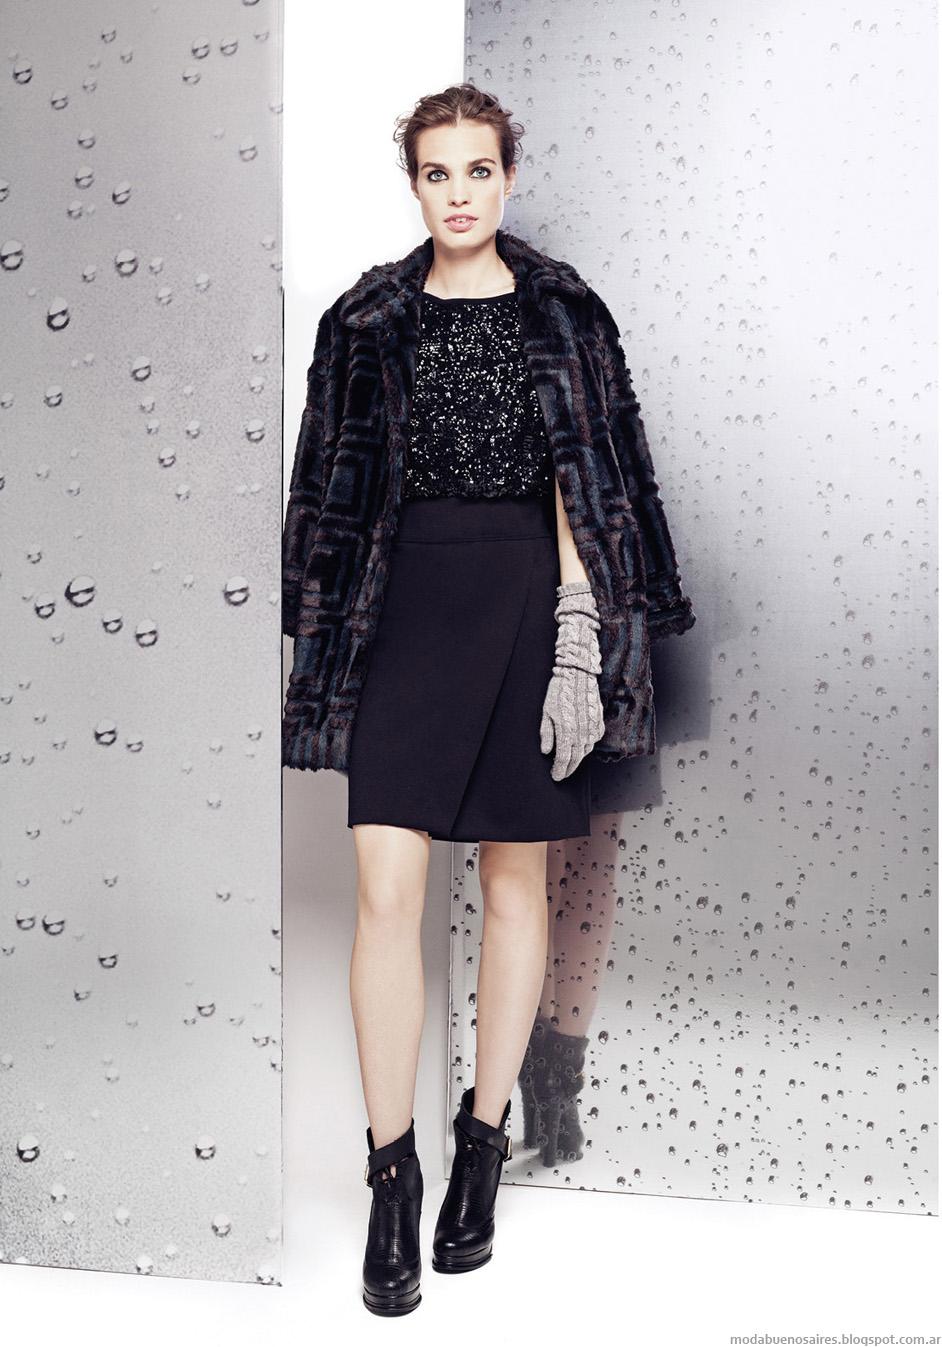 Tapados de fiesta 2014.Moda en la colección Graciela Naum invierno 2014.